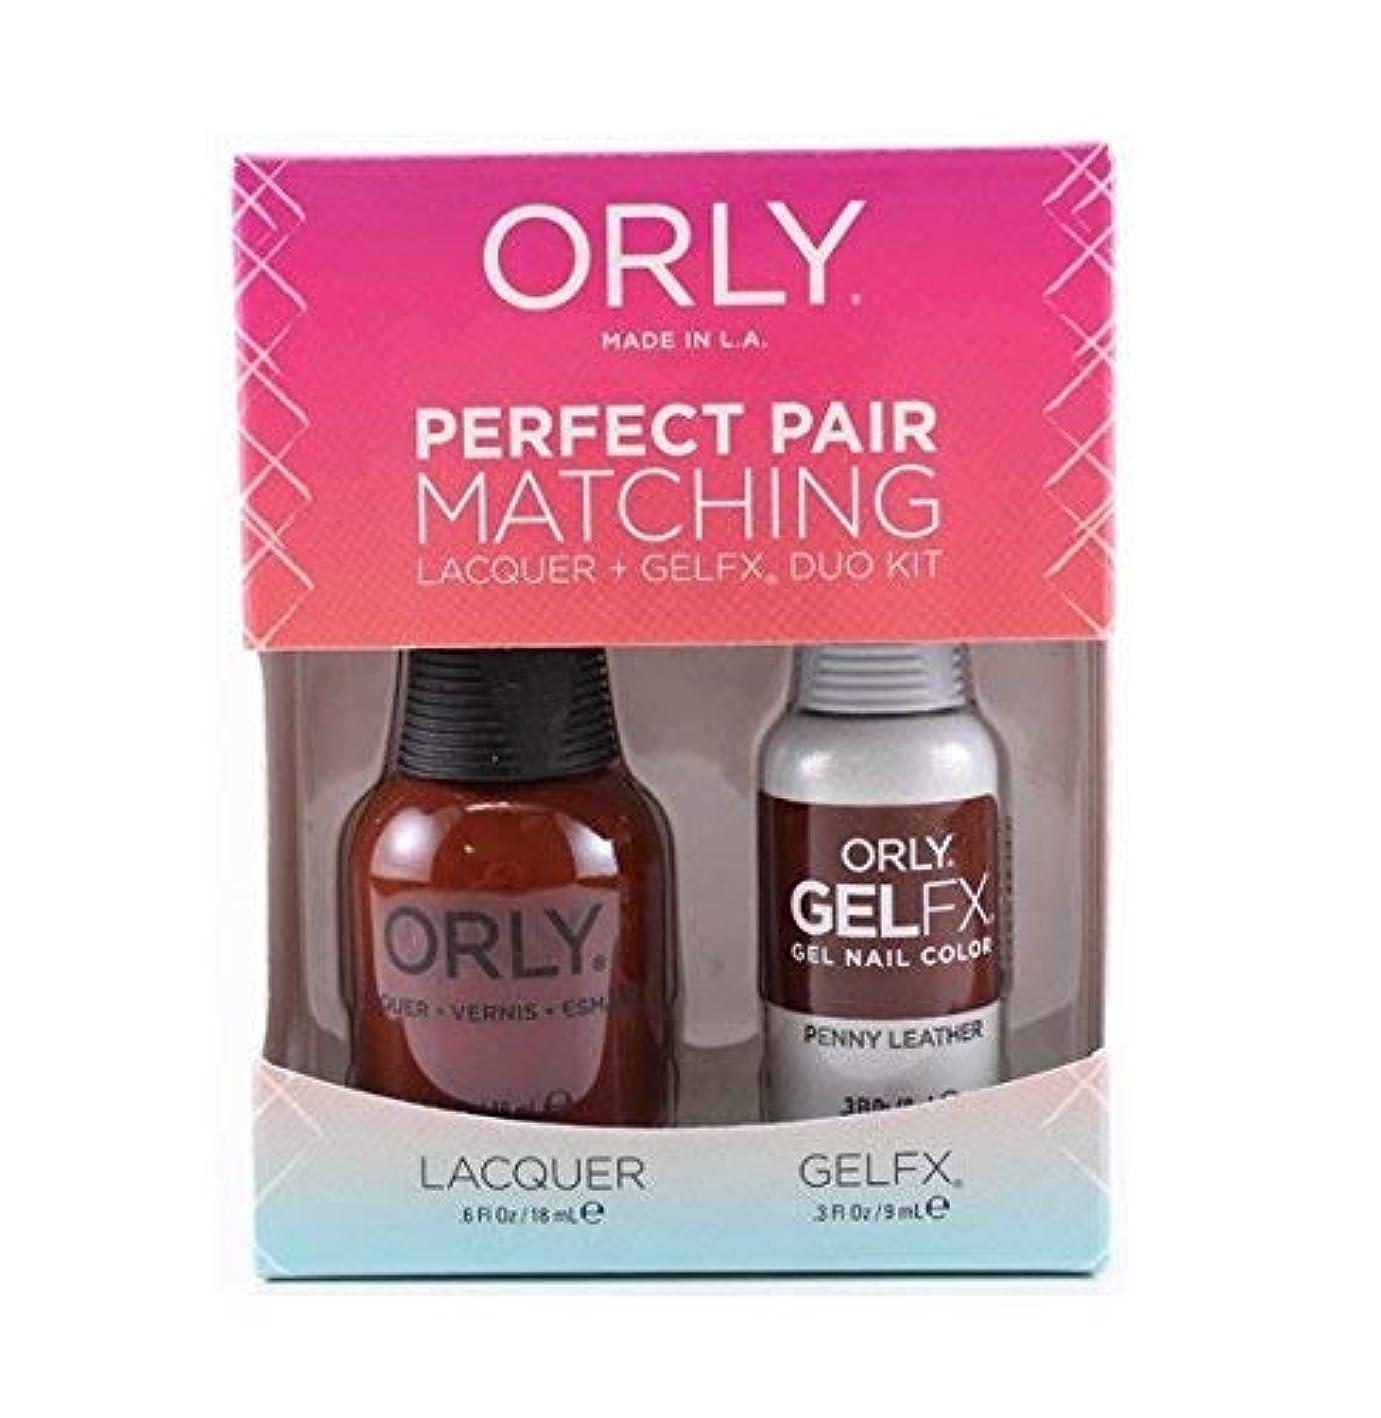 フィヨルド句読点ペルセウスOrly - Perfect Pair Matching Lacquer+Gel FX Kit - Penny Leather - 0.6 oz/0.3 oz